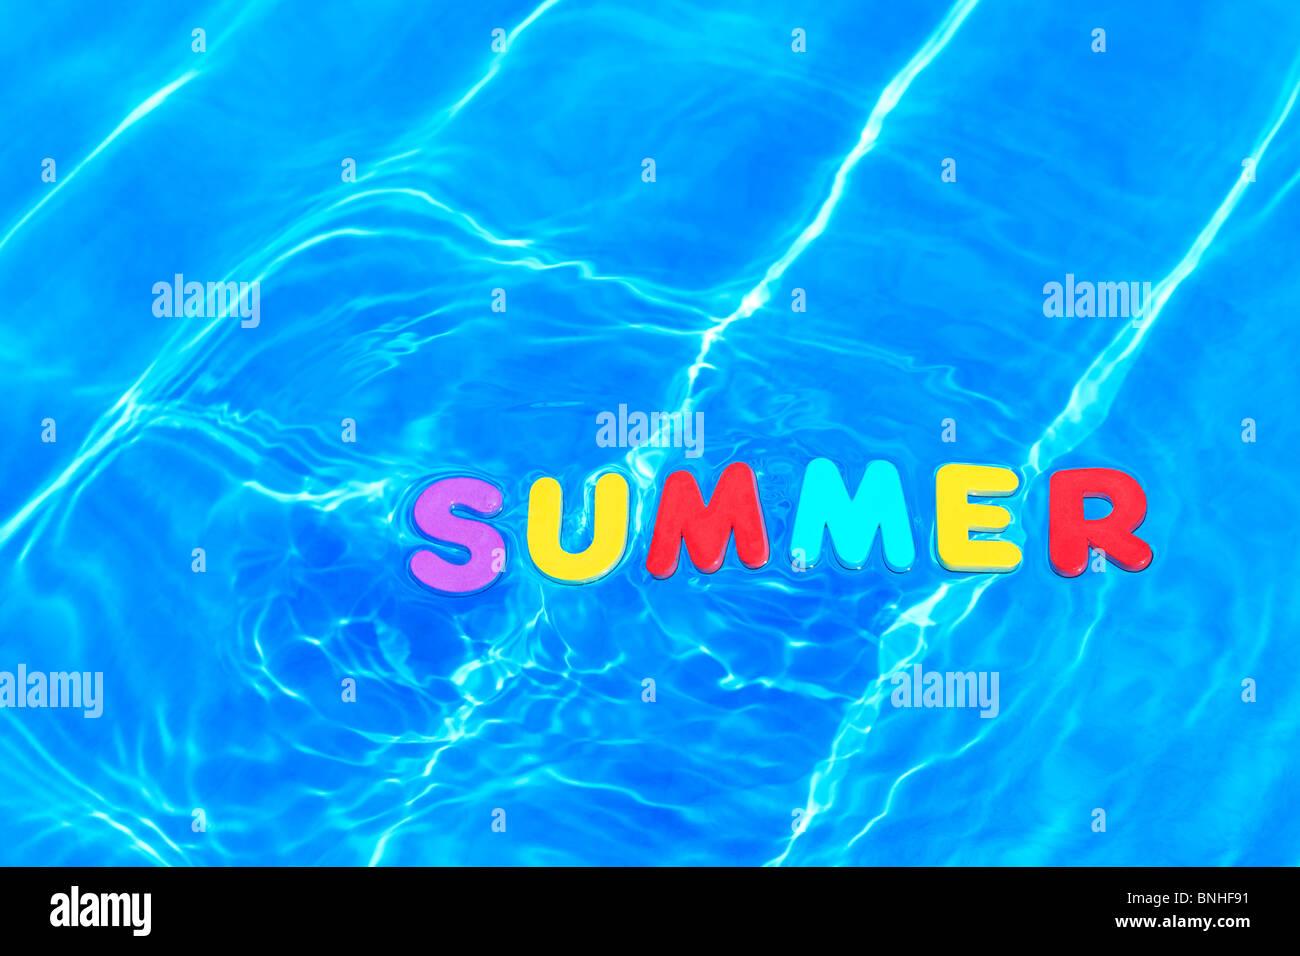 Foto des Wortes Sommer aus Schaum Buchstaben im Wasser auf der Oberfläche eines Schwimmbades hergestellt. Stockbild